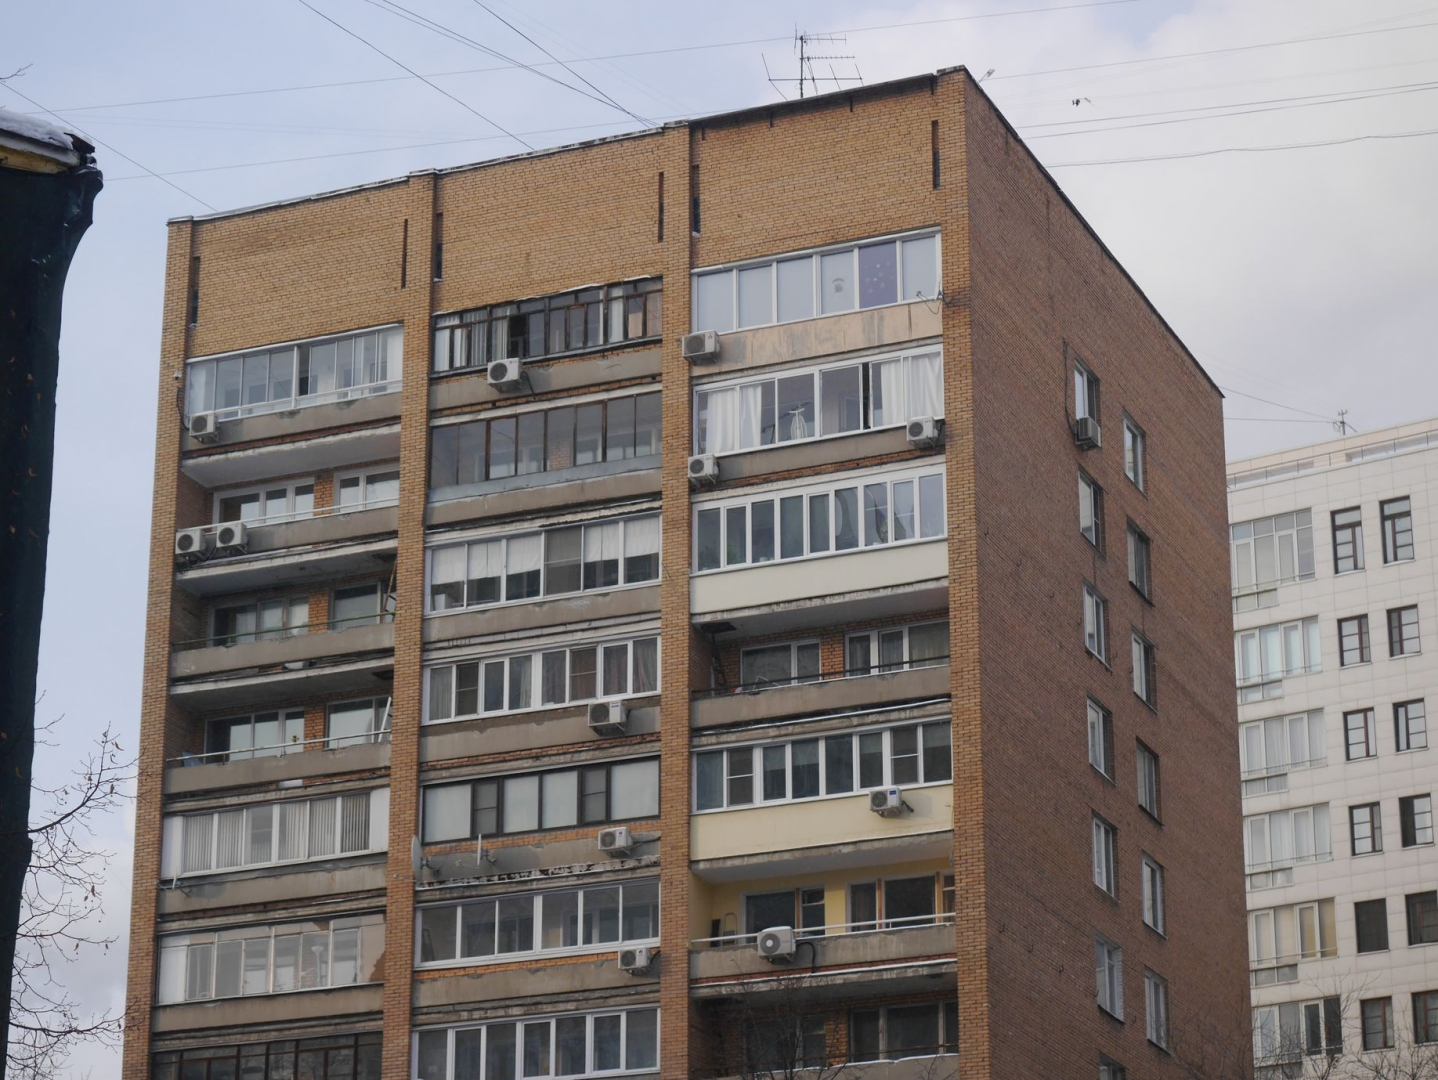 Дом работников гардинно-кружевной фабрики им. Тельмана, 1975